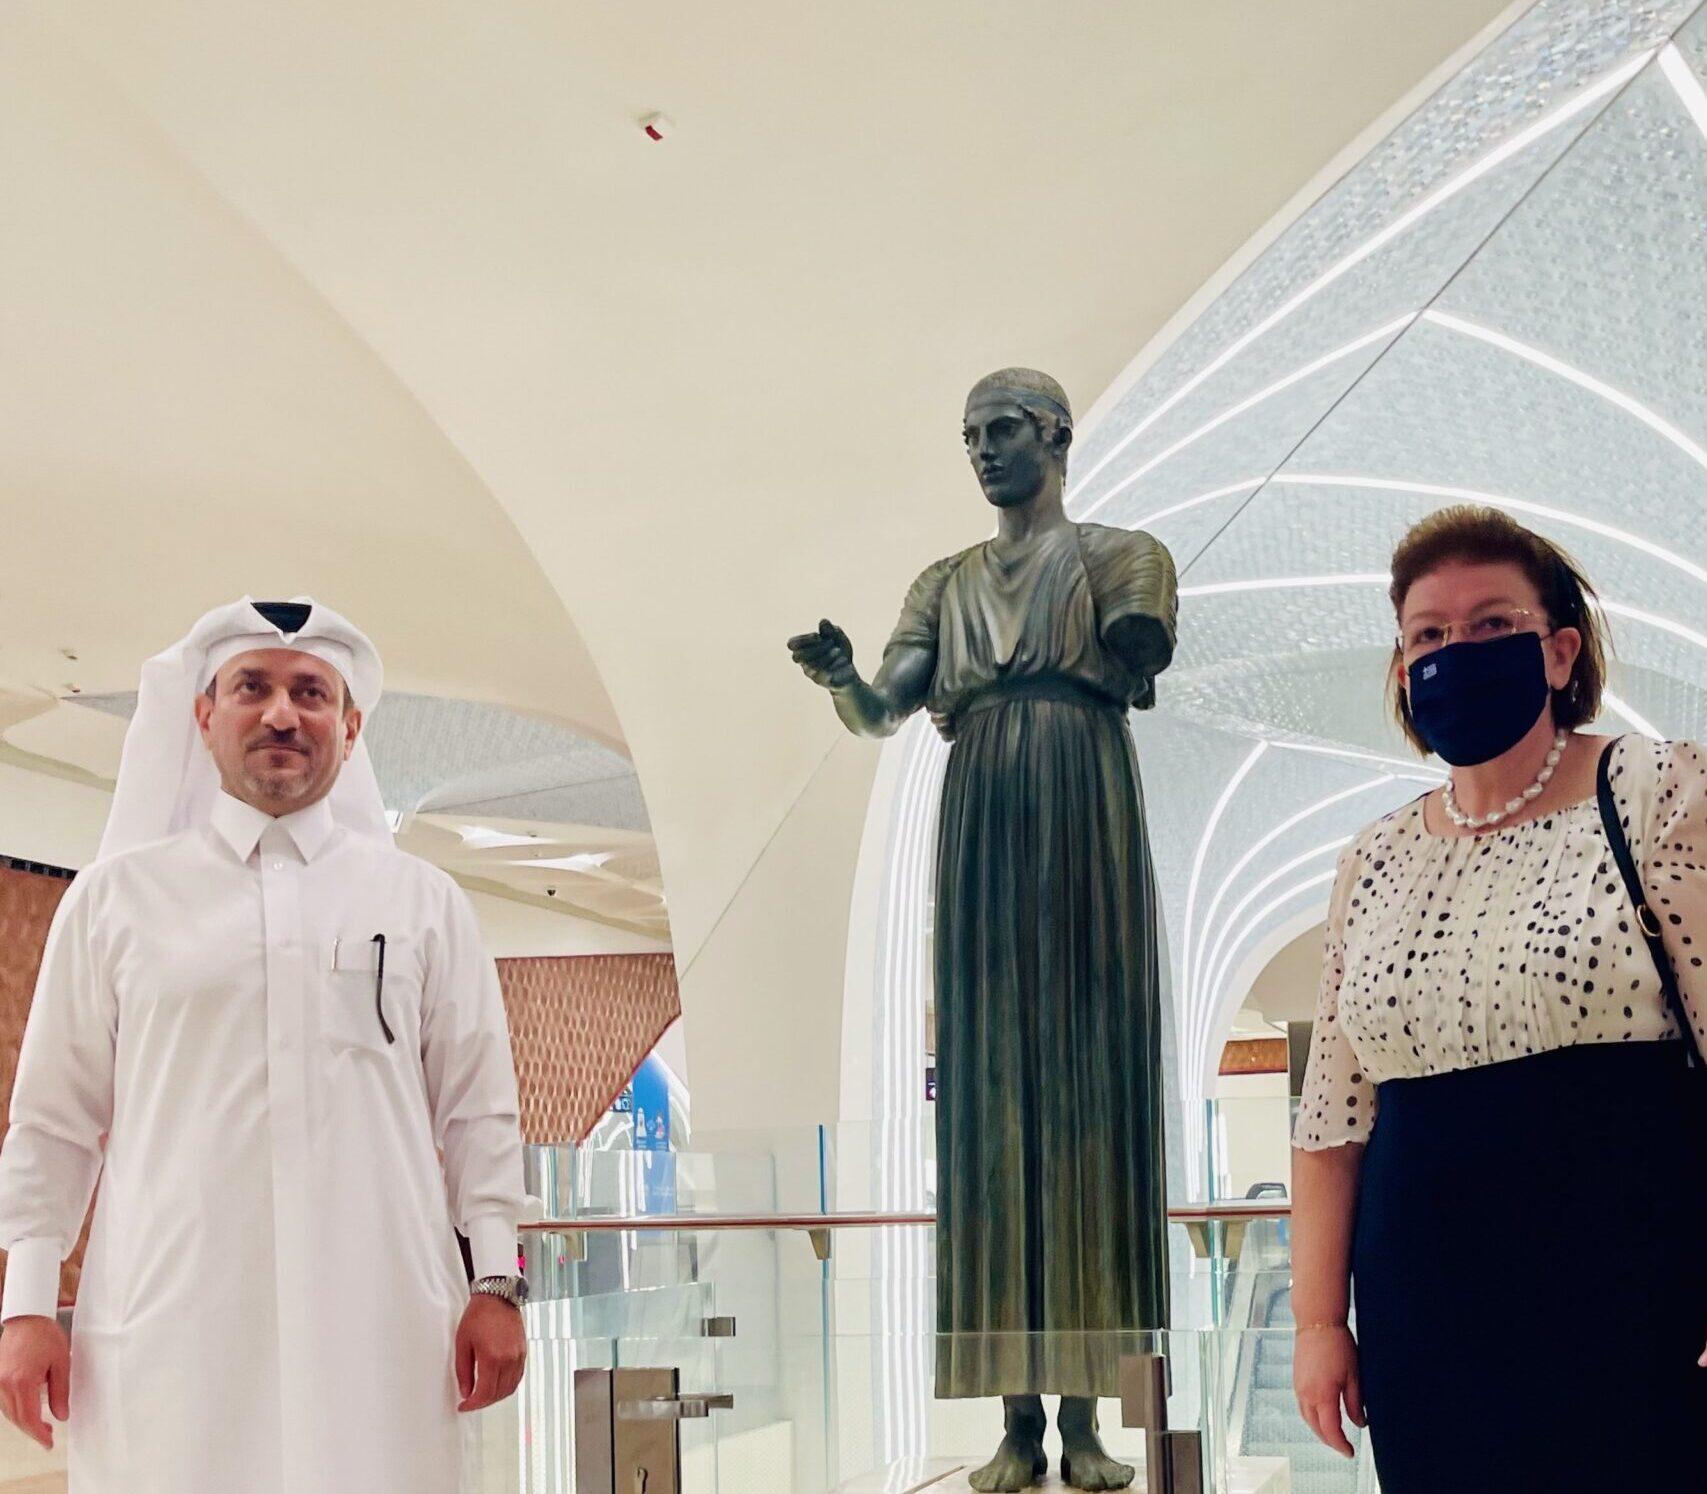 Ο Ηνίοχος των Δελφών στο διεθνές αεροδρόμιο της Ντόχα